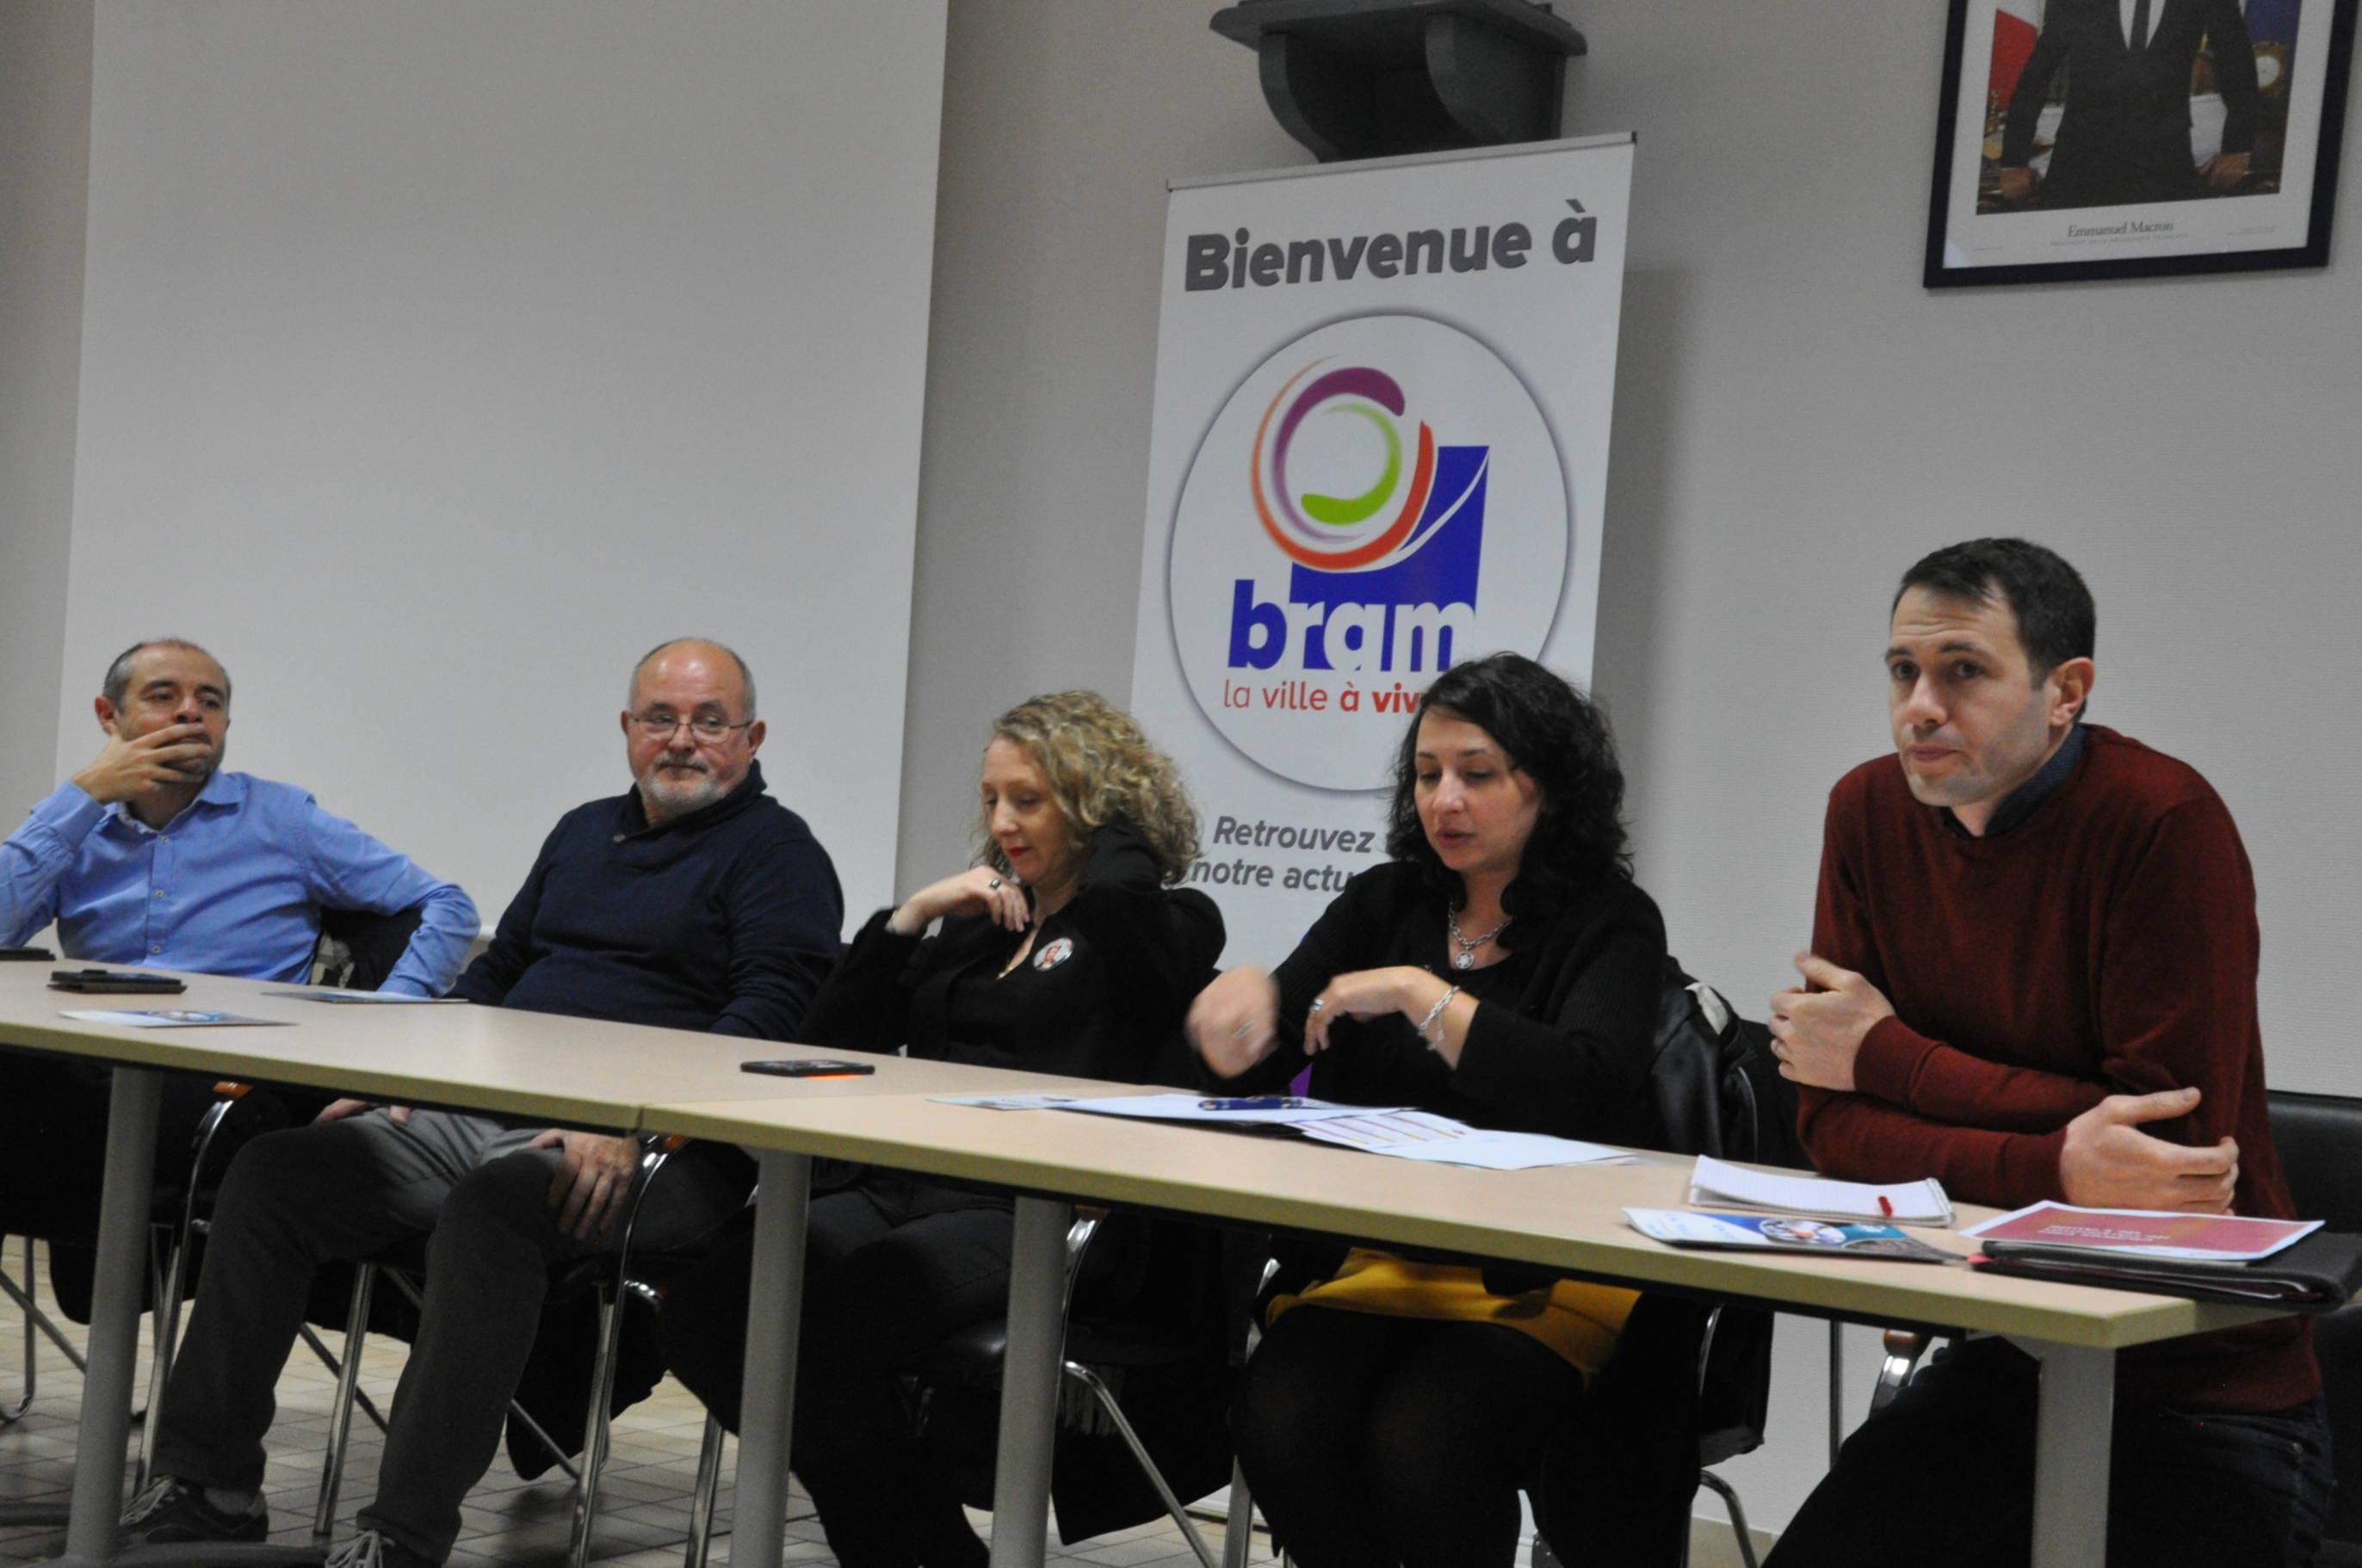 La Chambre Des Métiers À La Rencontre Des Artisans De Bram destiné Chambre Des Metiers Carcassonne